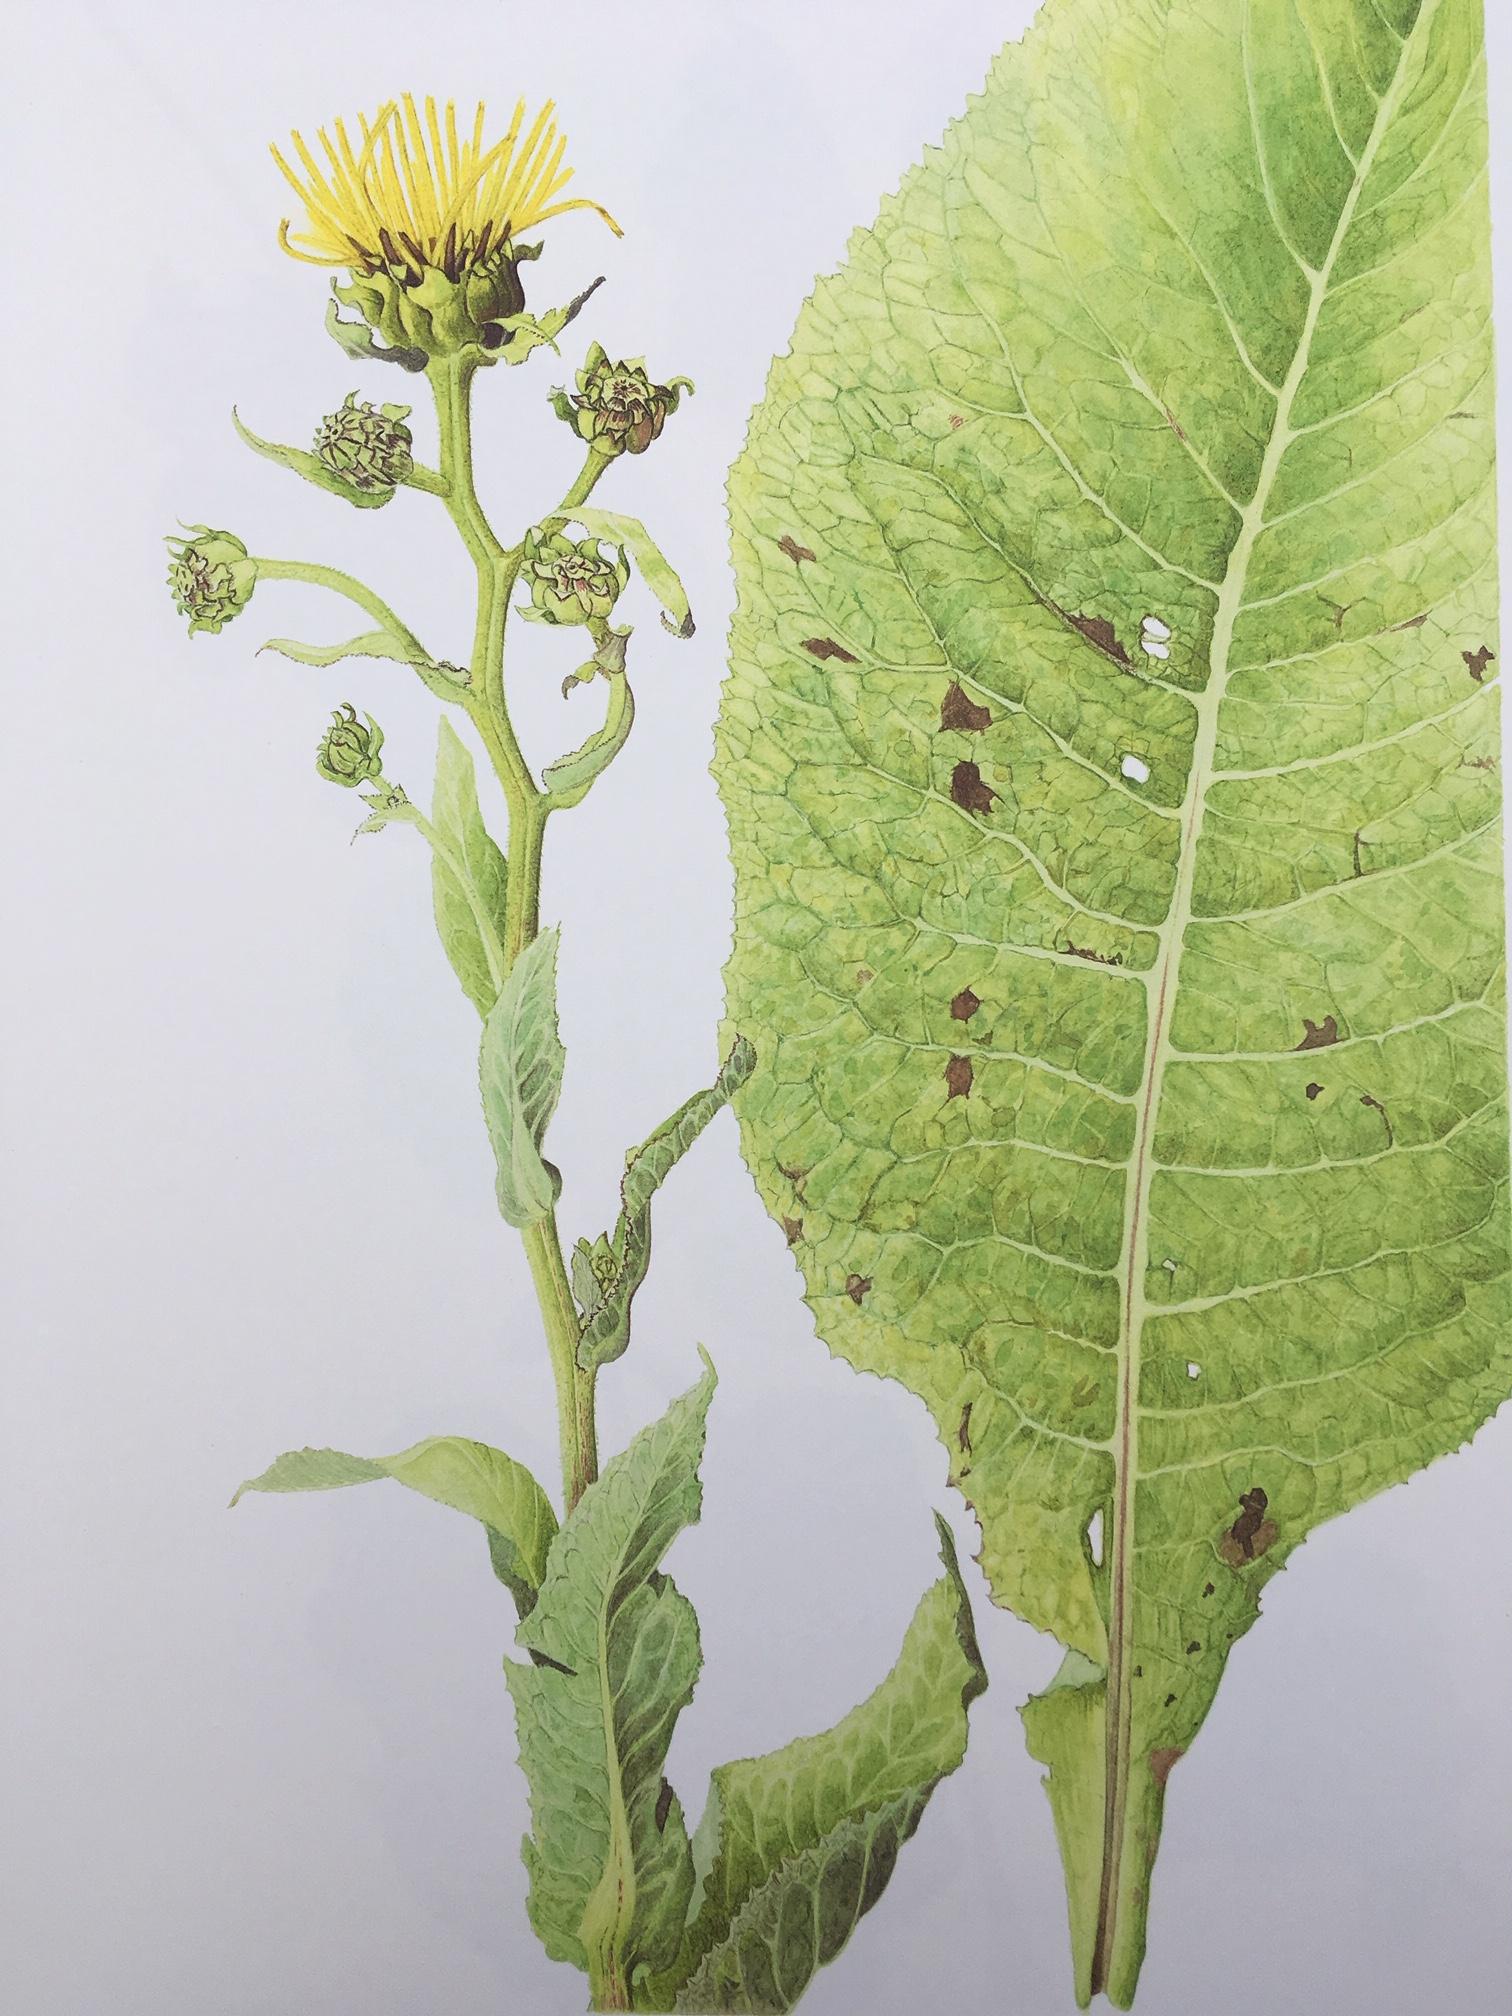 Transylvania Florilegium